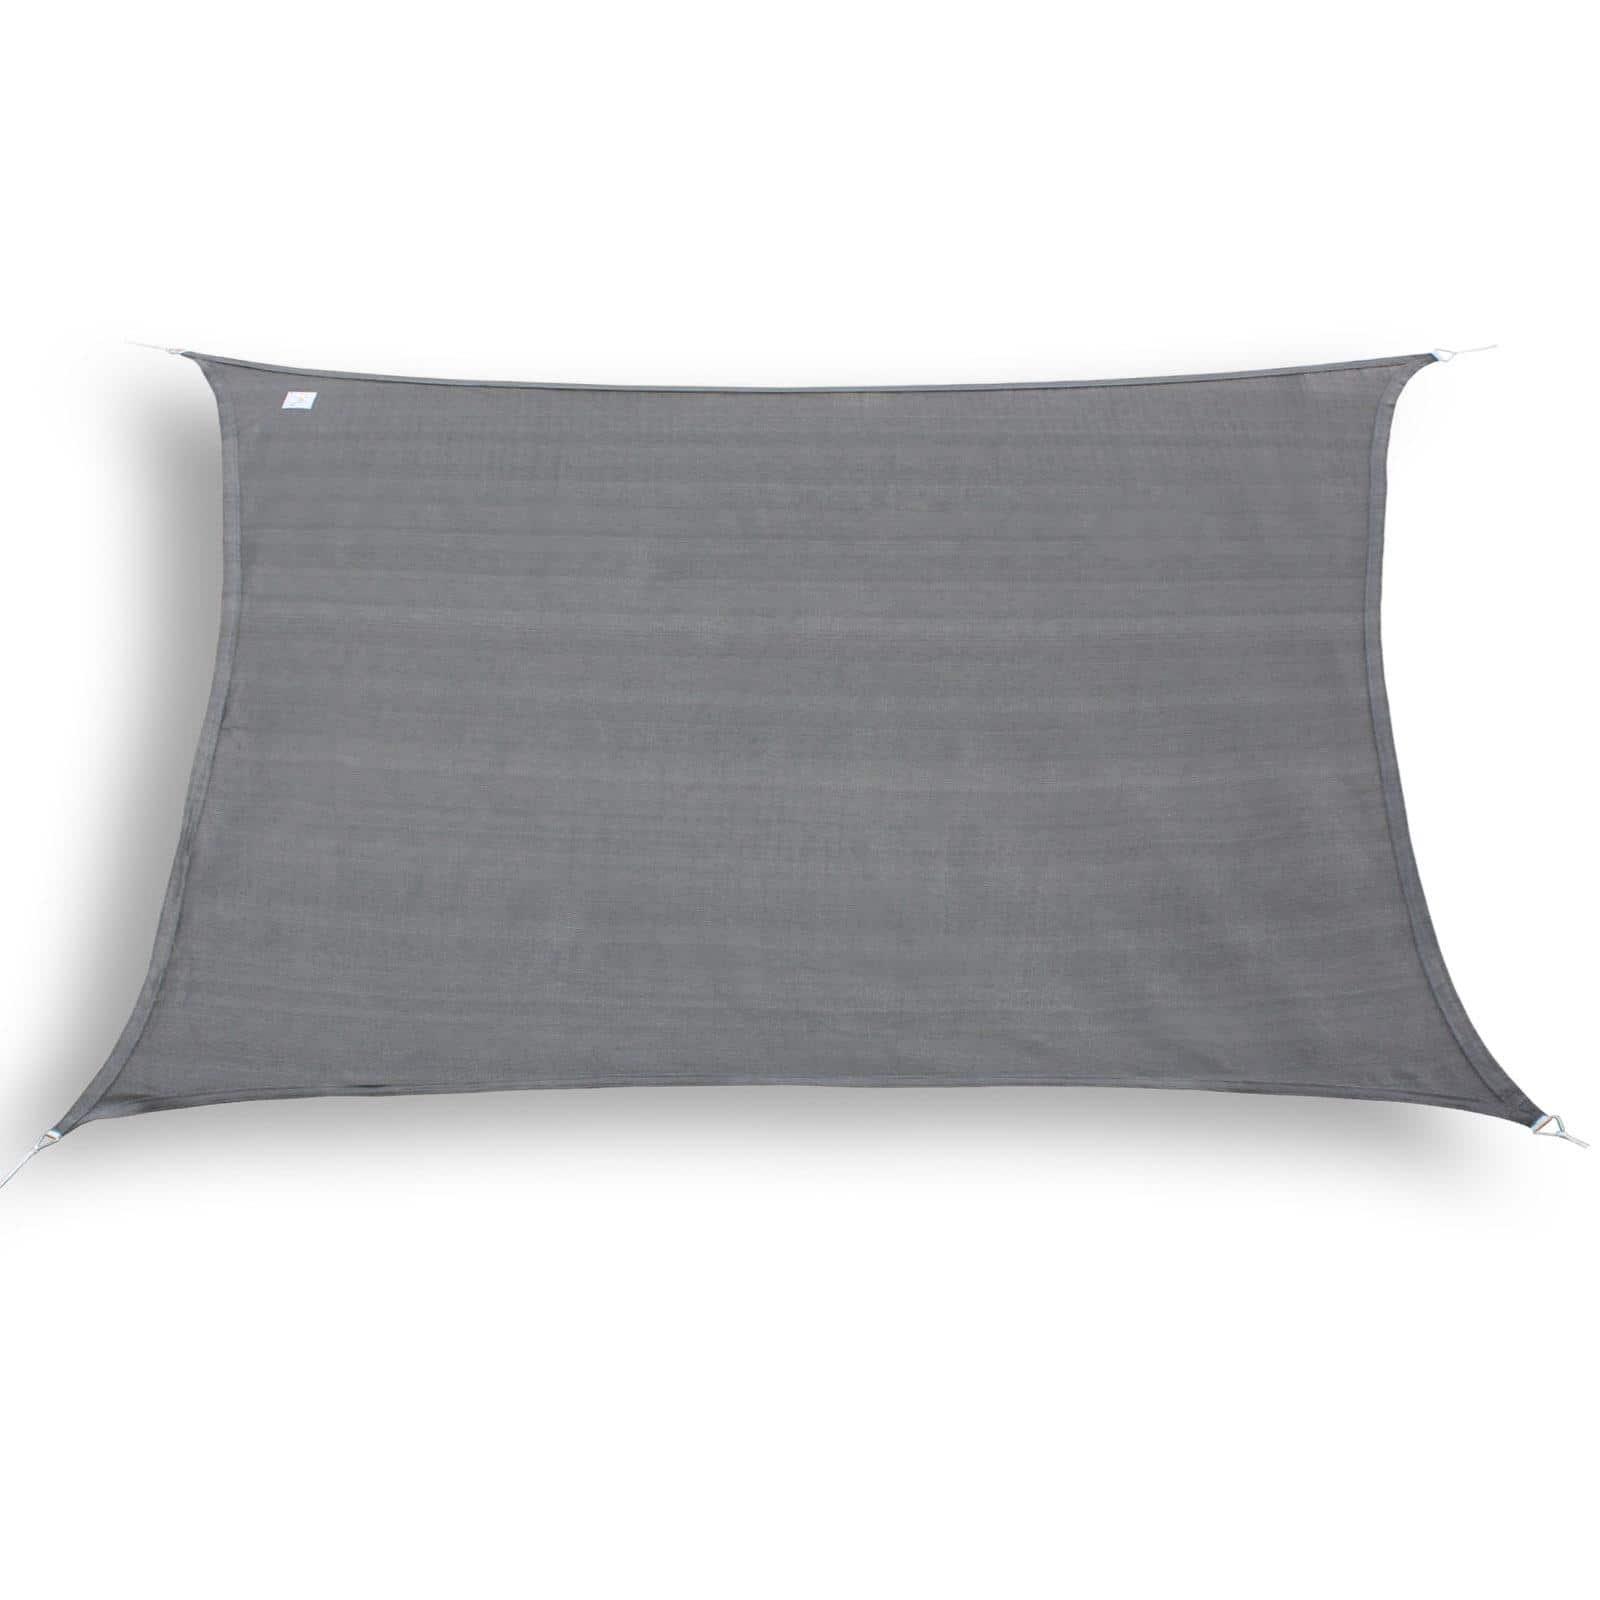 hanSe® Schaduwdoek Rechthoek Waterdoorlatend 2x4 m - zonnedoek - Grijs